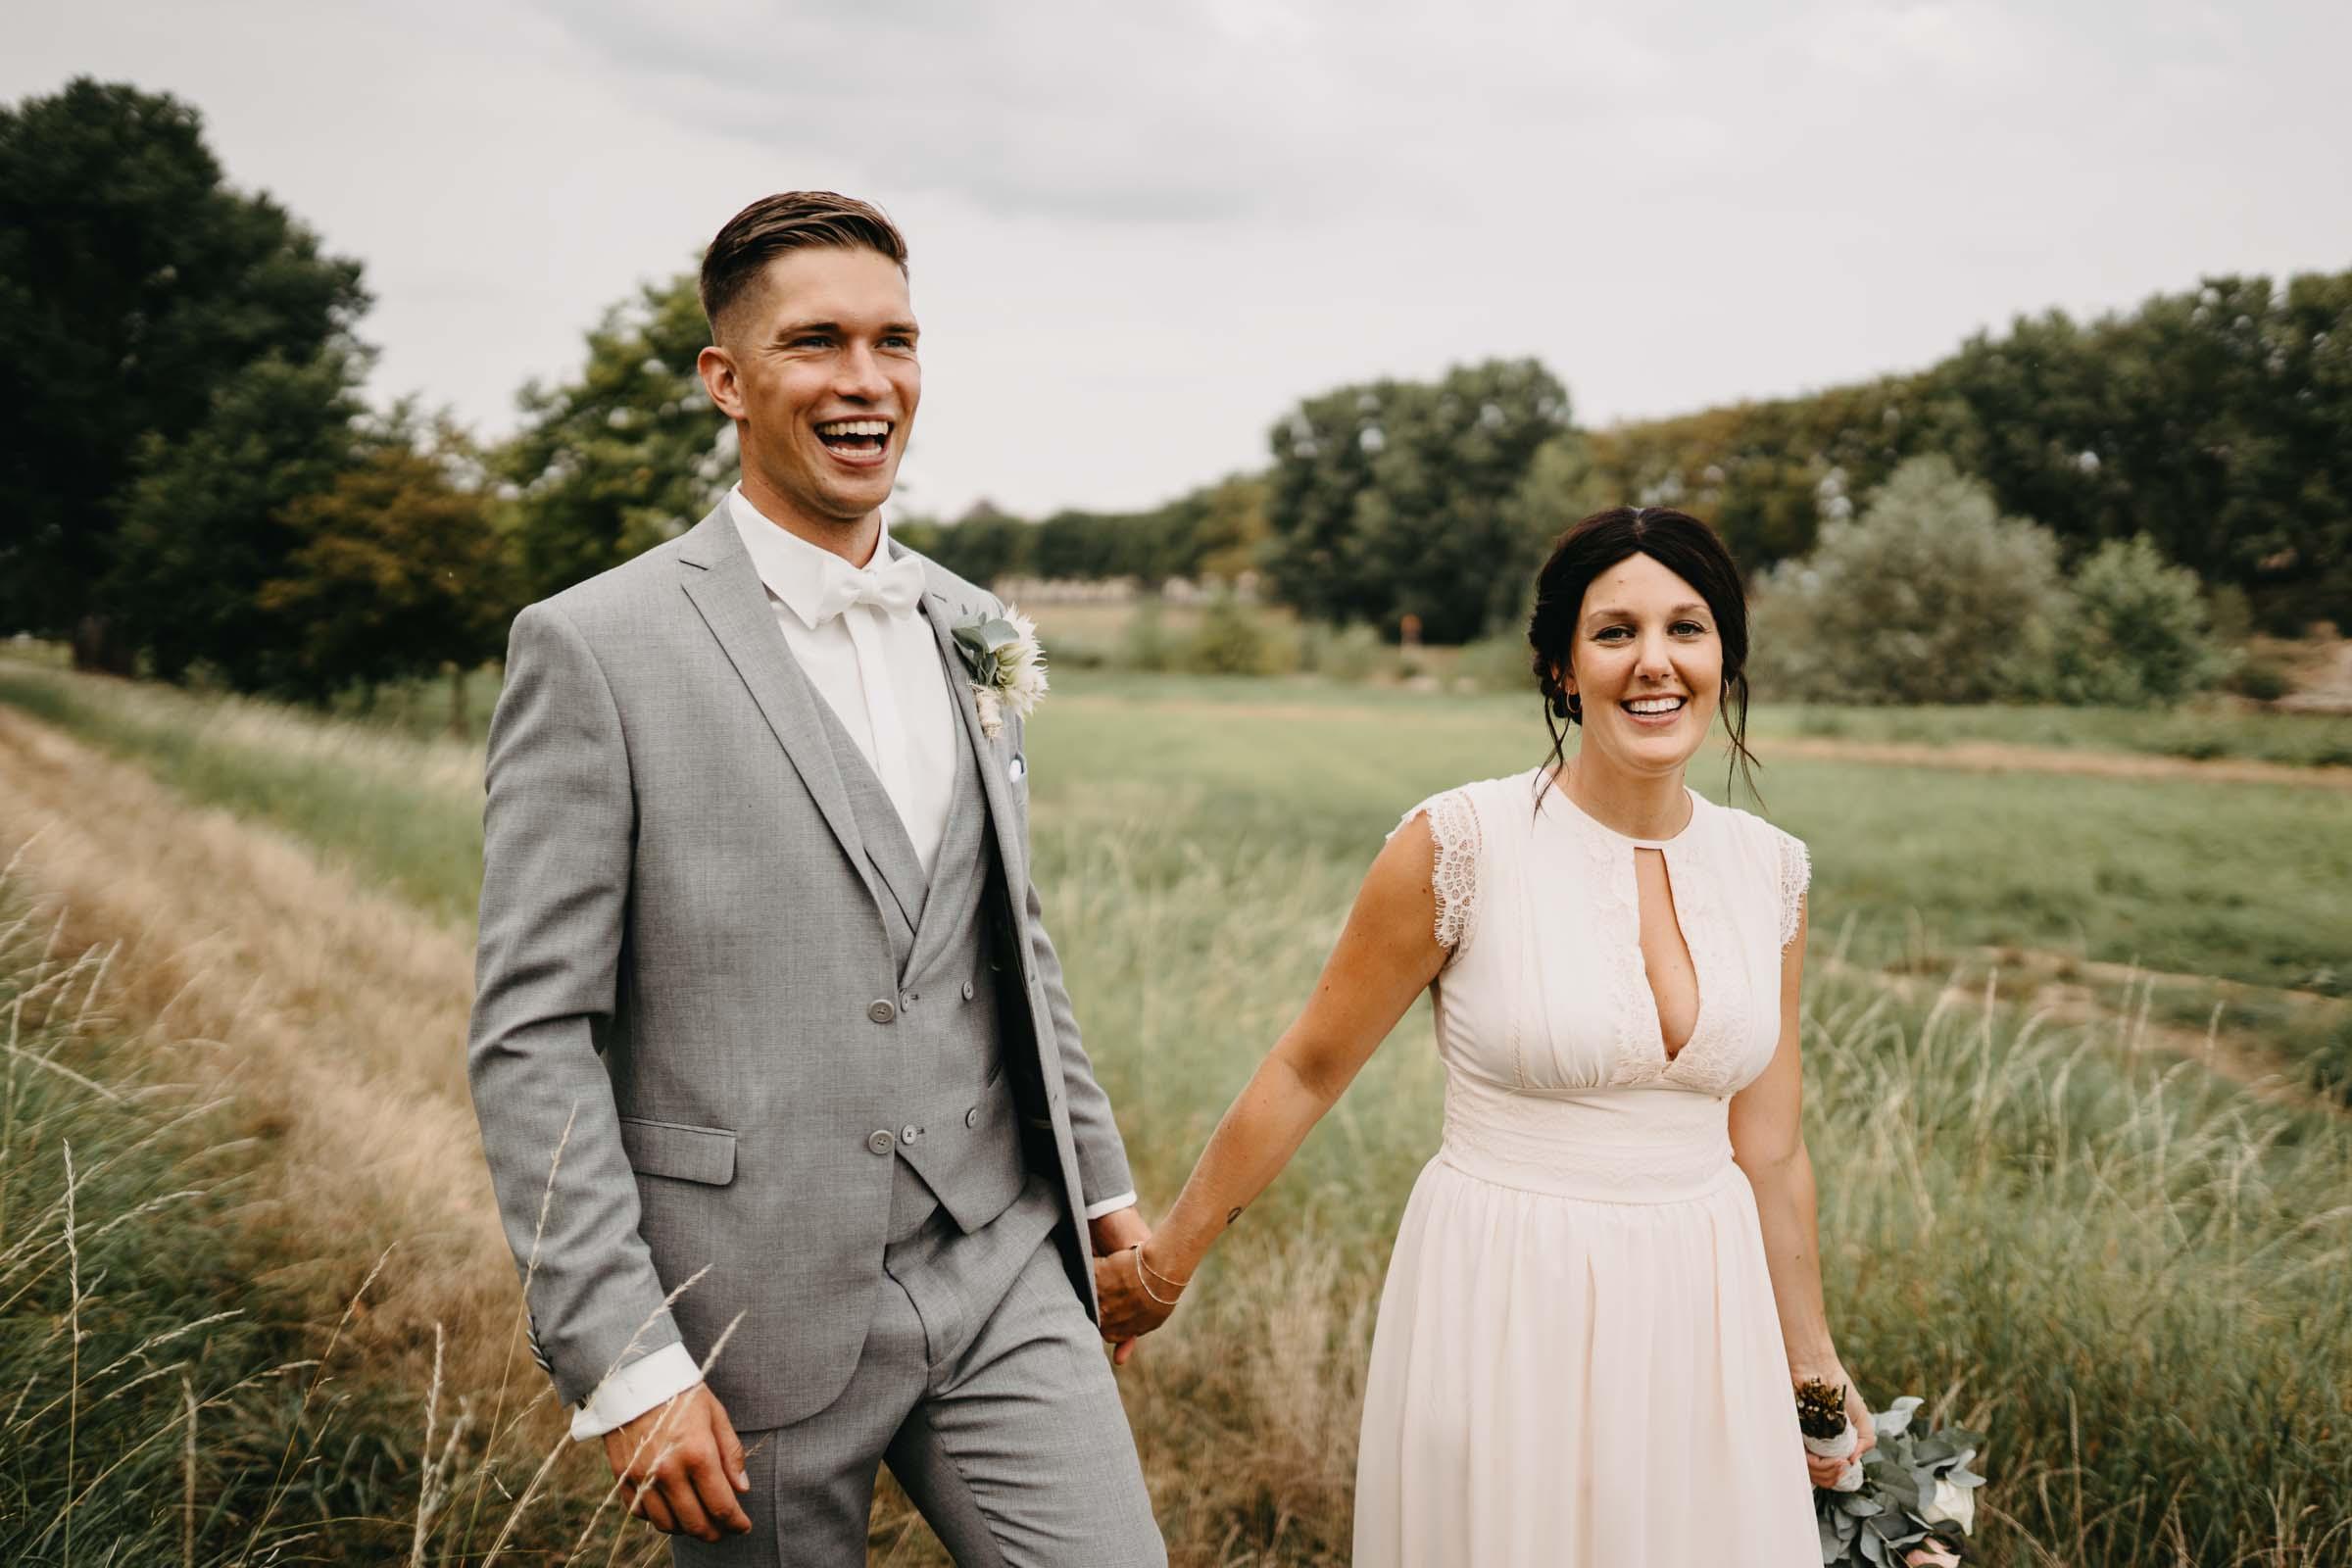 Das Brautpaar läuft Hand in Hand auf einem Feldweg.